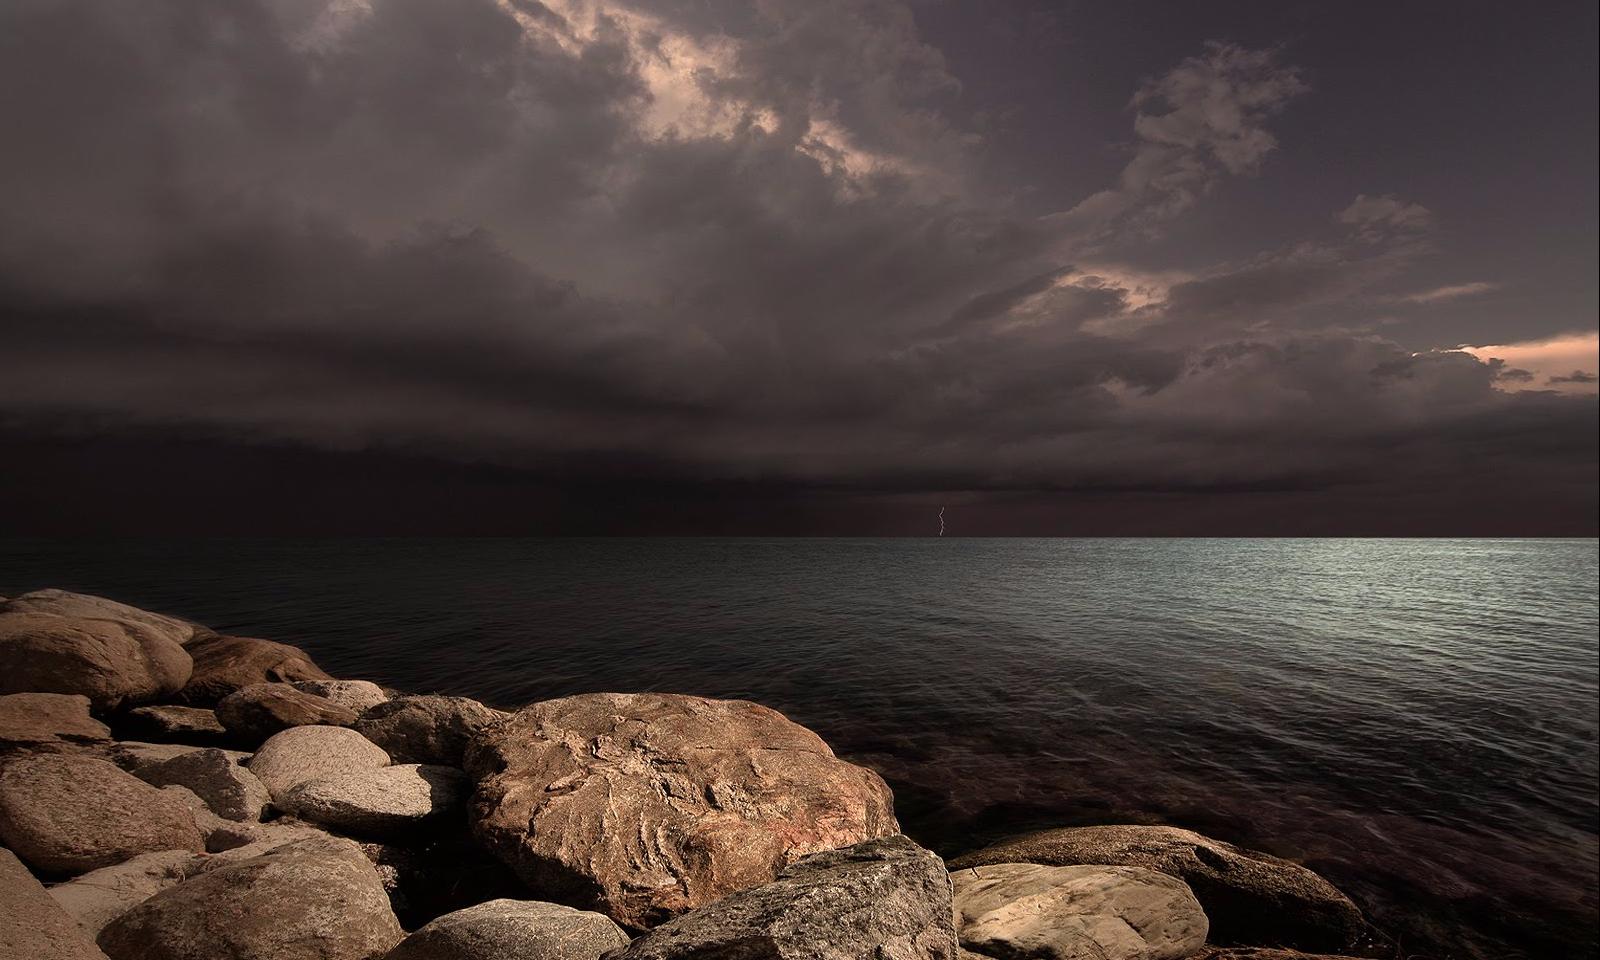 La quiete prima della tempesta